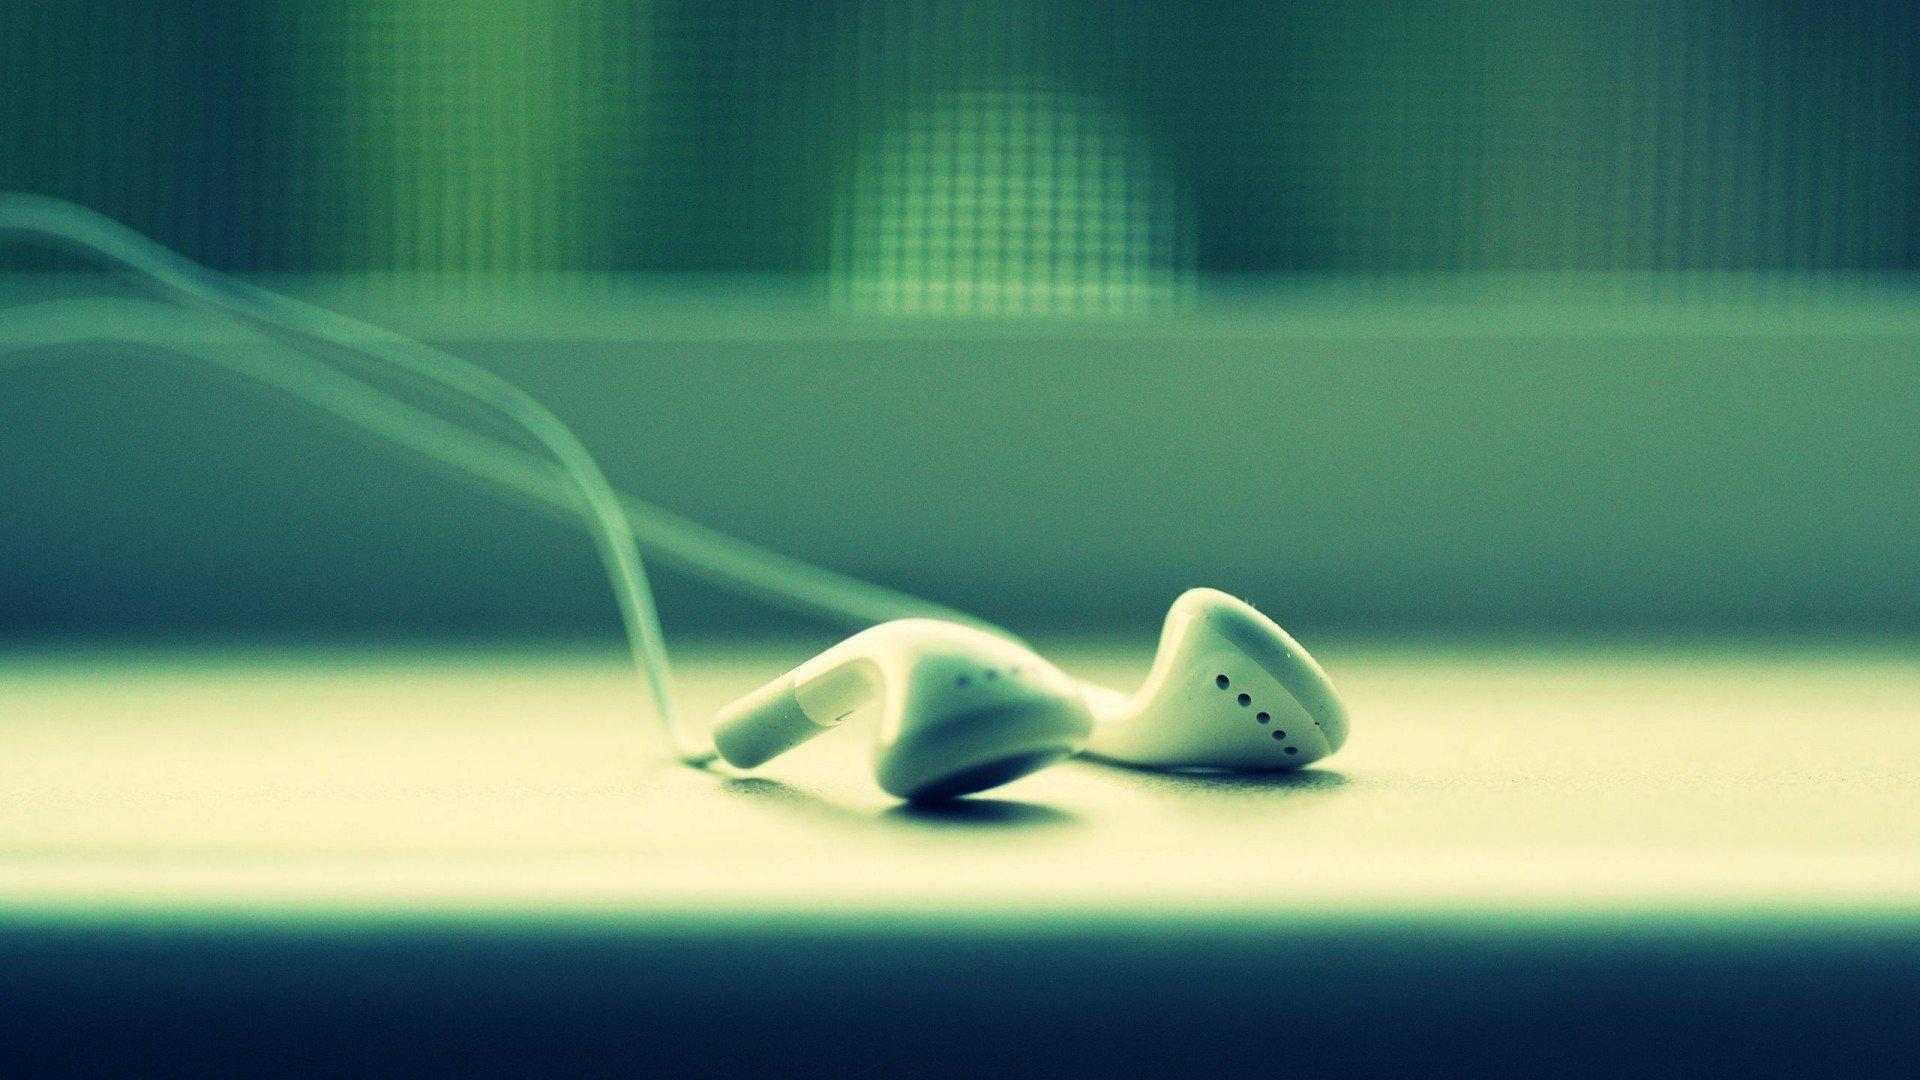 Headphones Music IPod Electronics Earphones Objects